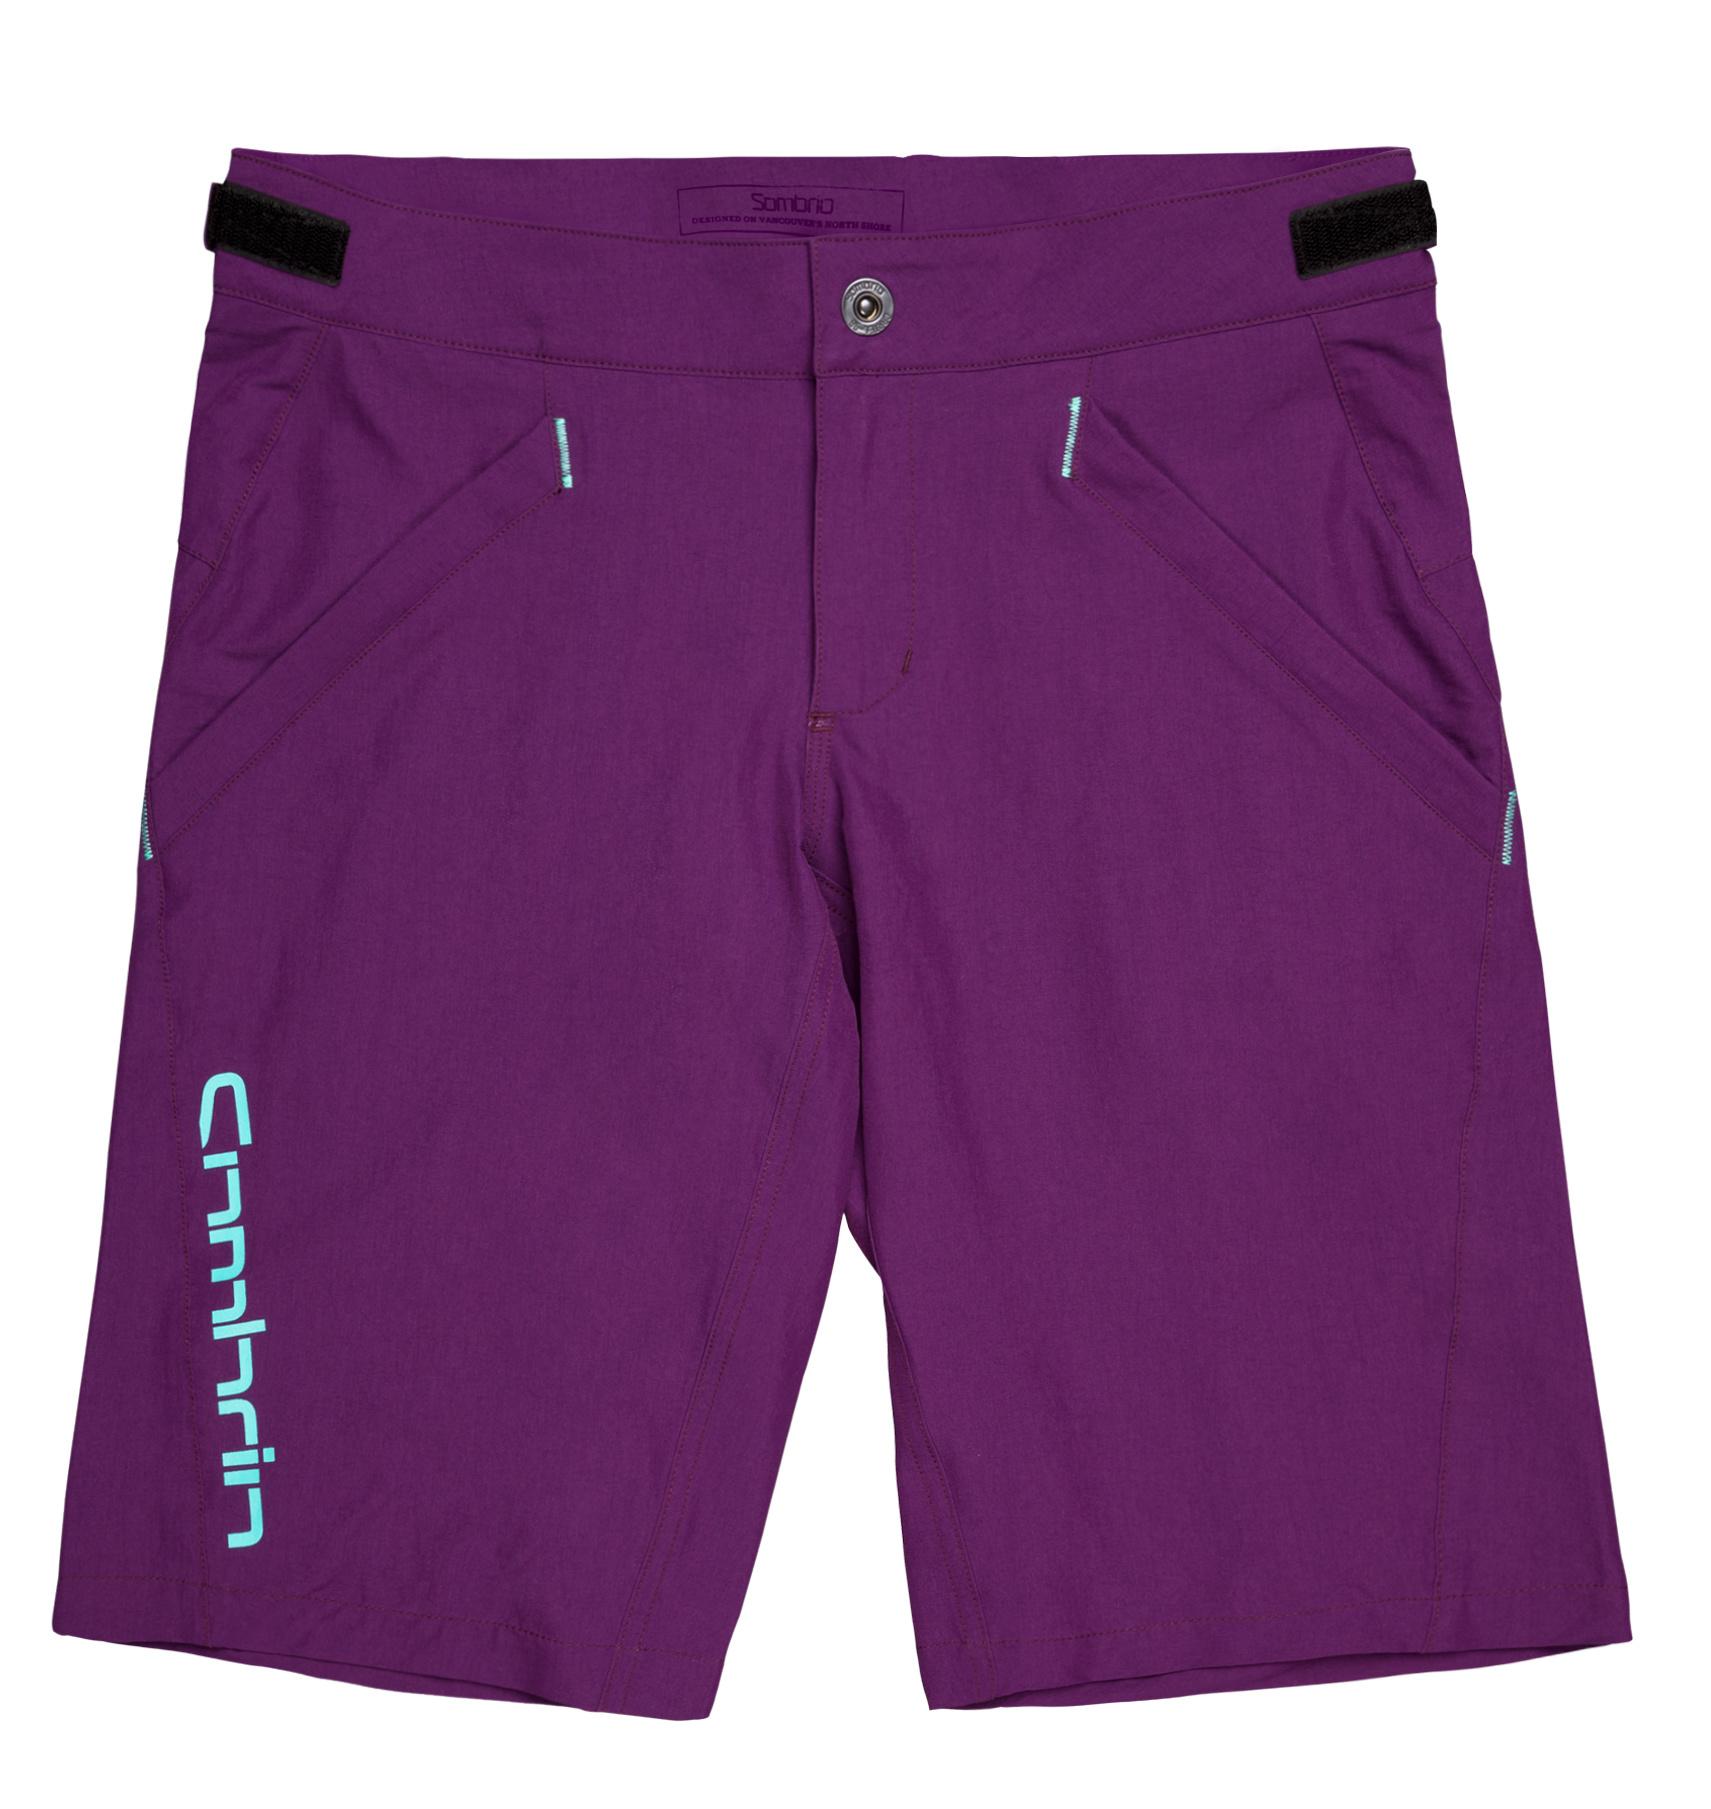 Sombrio V'al Shorts, Grape L